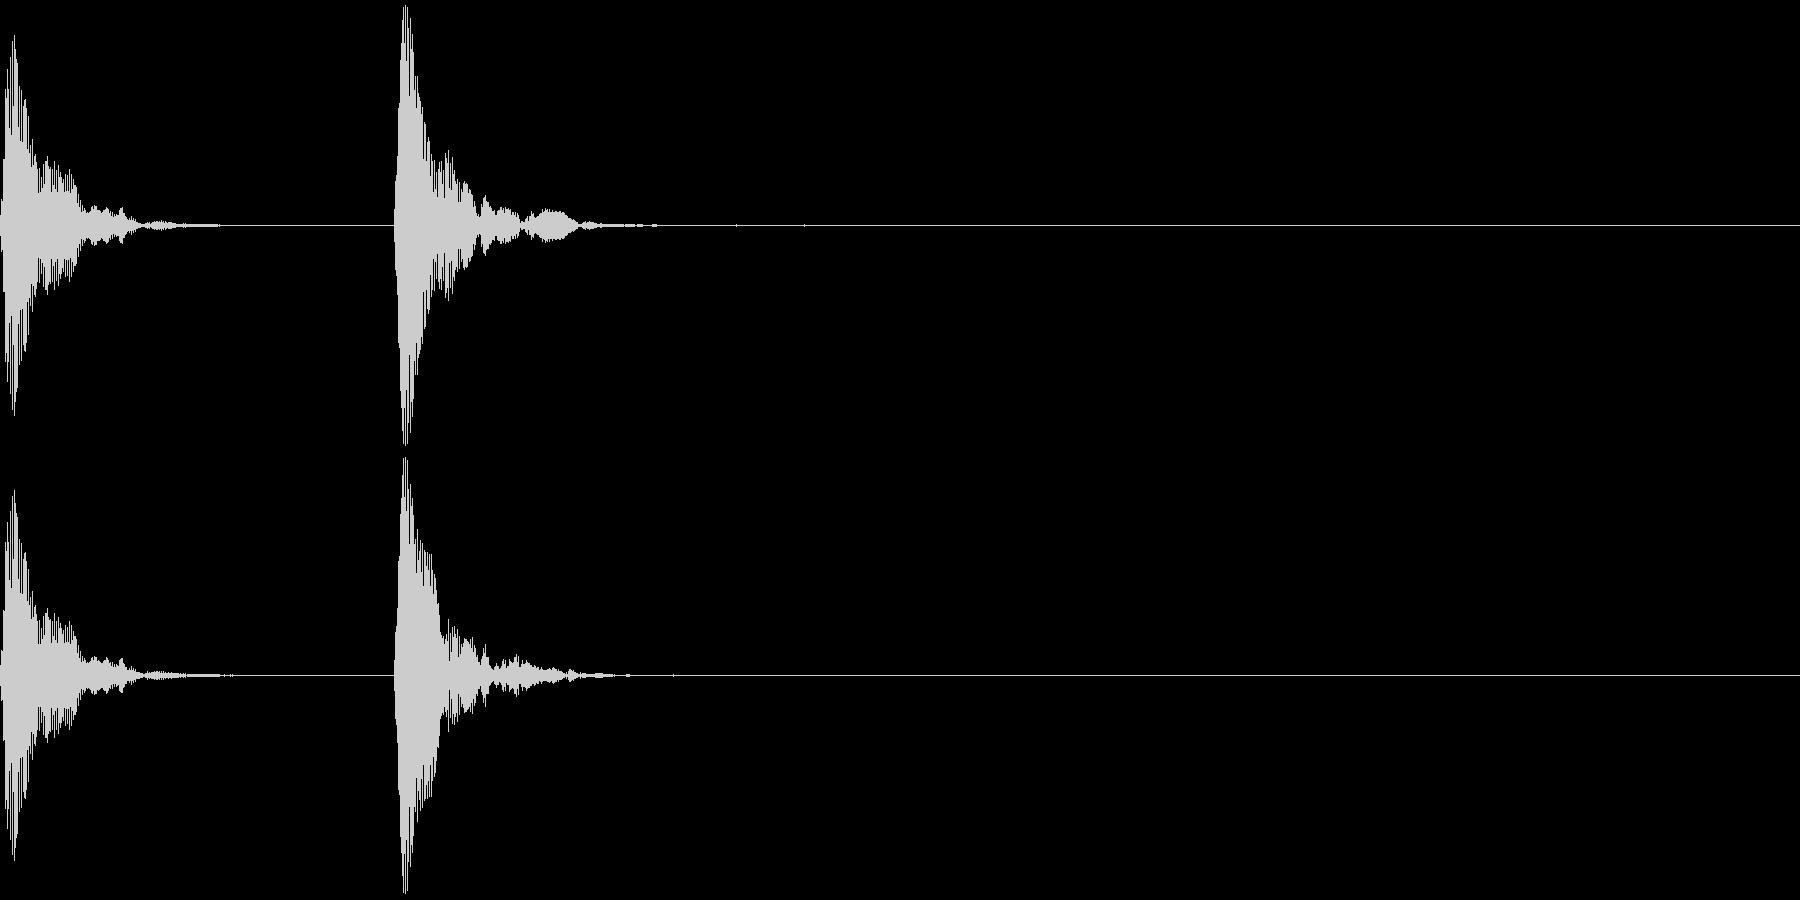 和楽器・鼓(つづみ)のポン_ポン2の未再生の波形